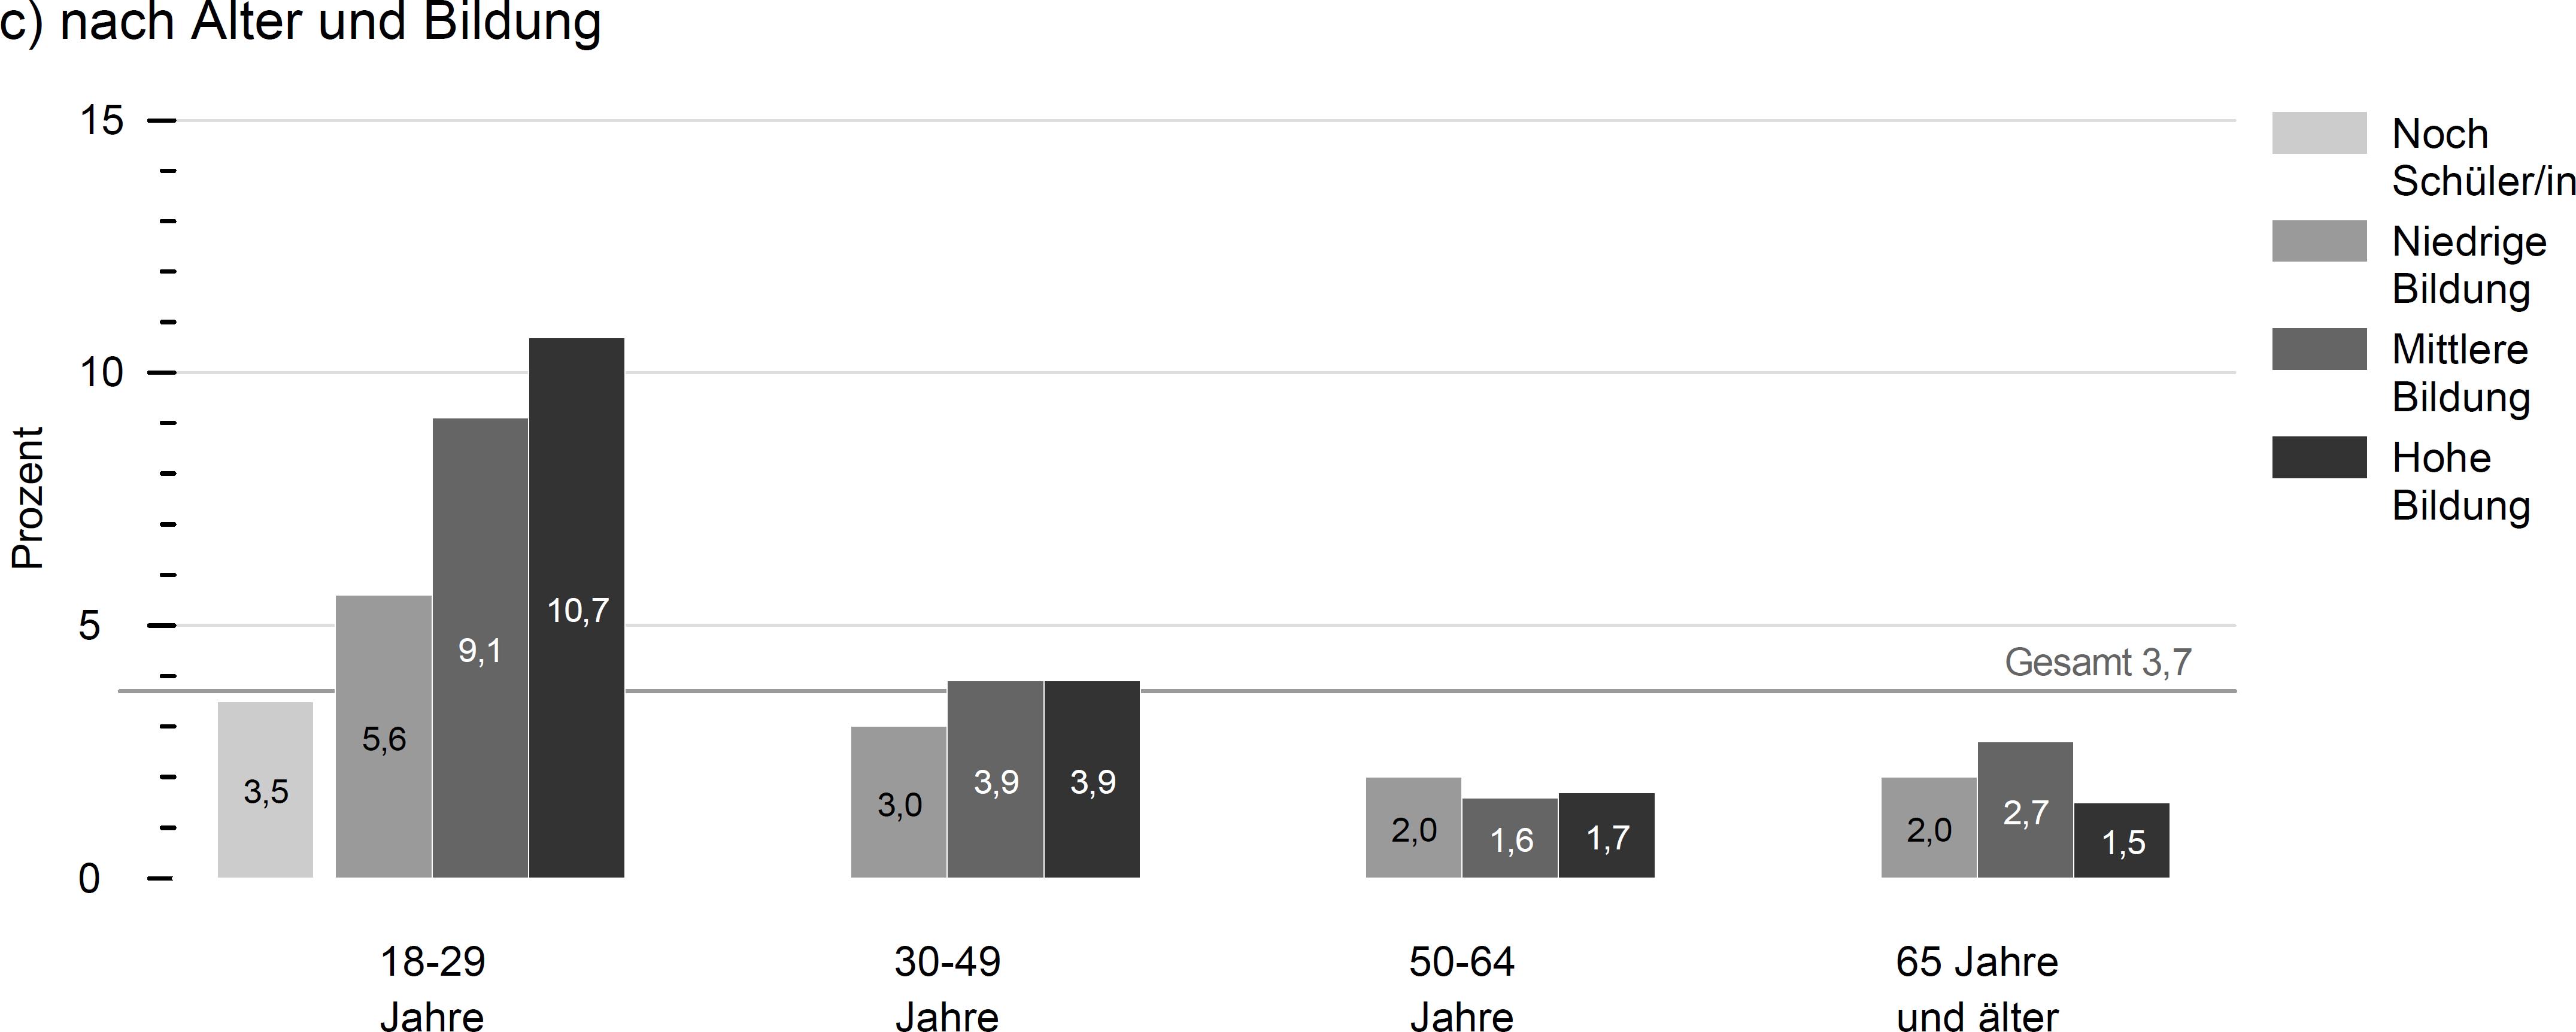 Abb. 1: Anteile von Personen, die einen Freiwilligendienst absolviert haben oder aktuell absolvieren, 2014, nach Alter und Bildung (aus: Simonson/Vogel/Tesch-Römer, 2016, S. 185)